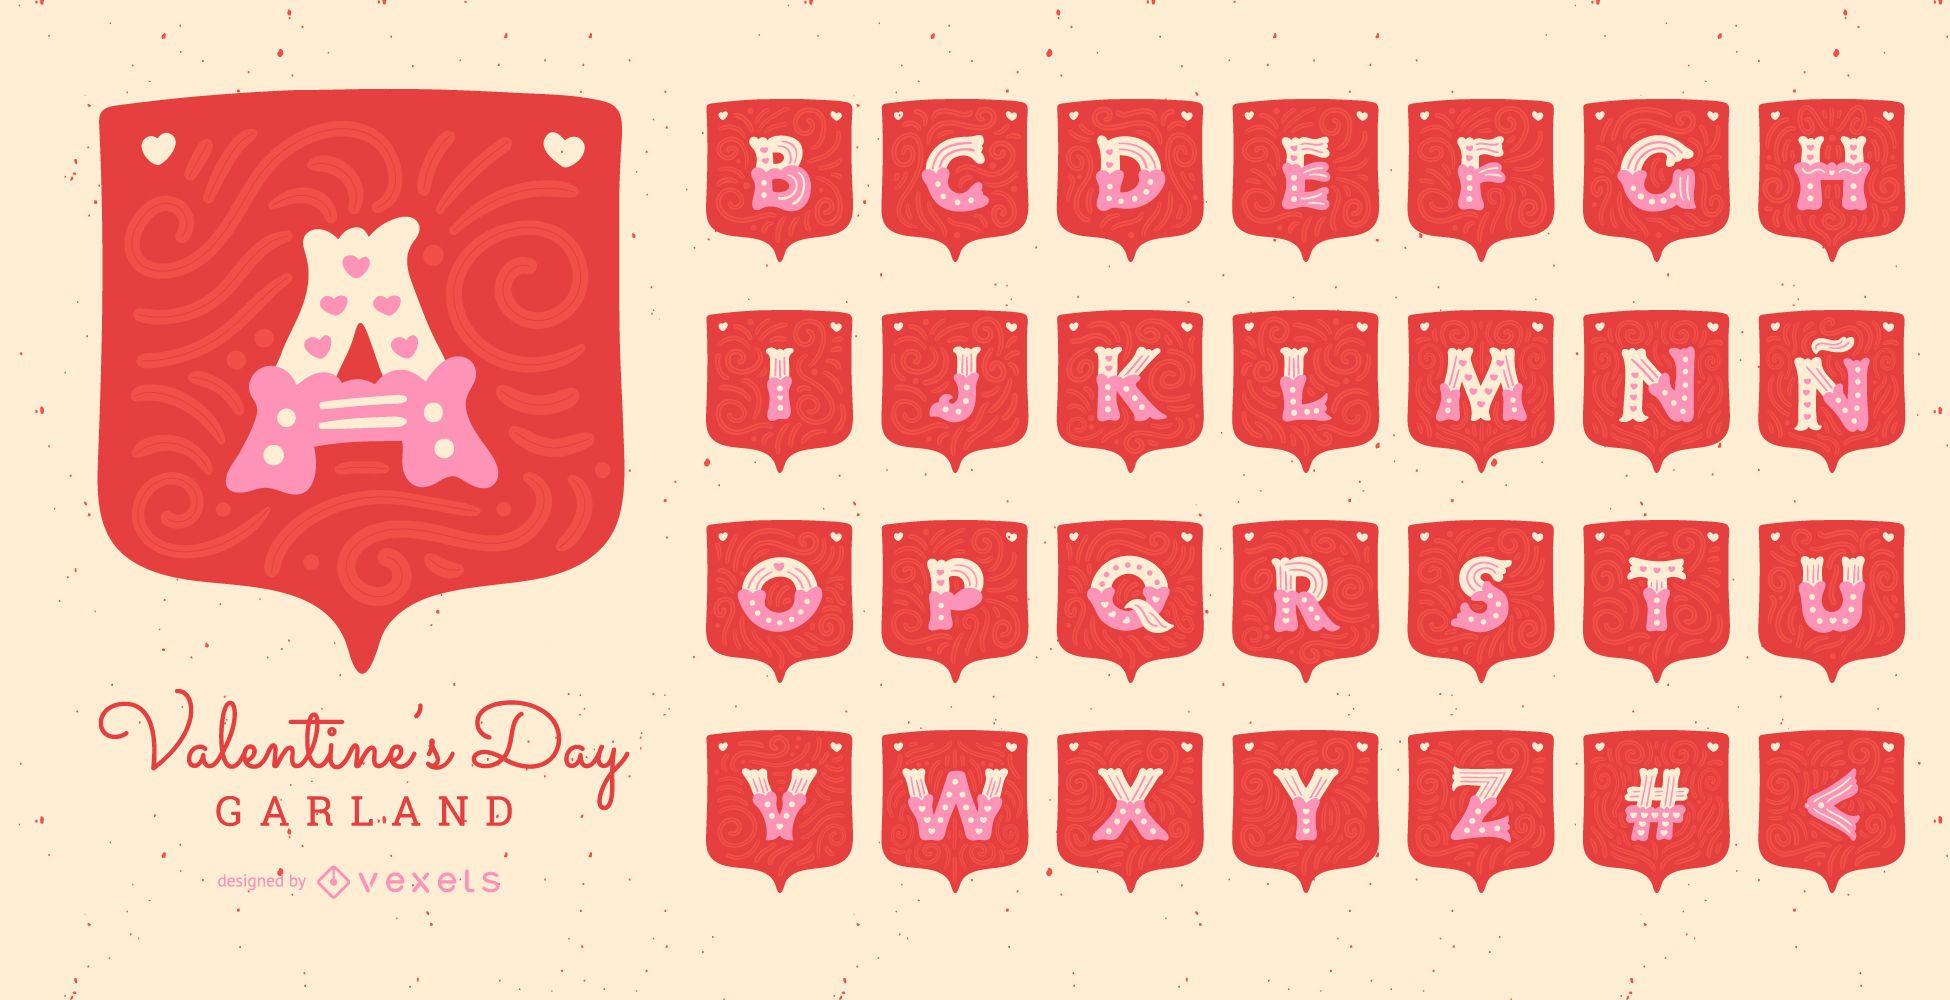 Valentine's Day Garland Alphabet Letter Set